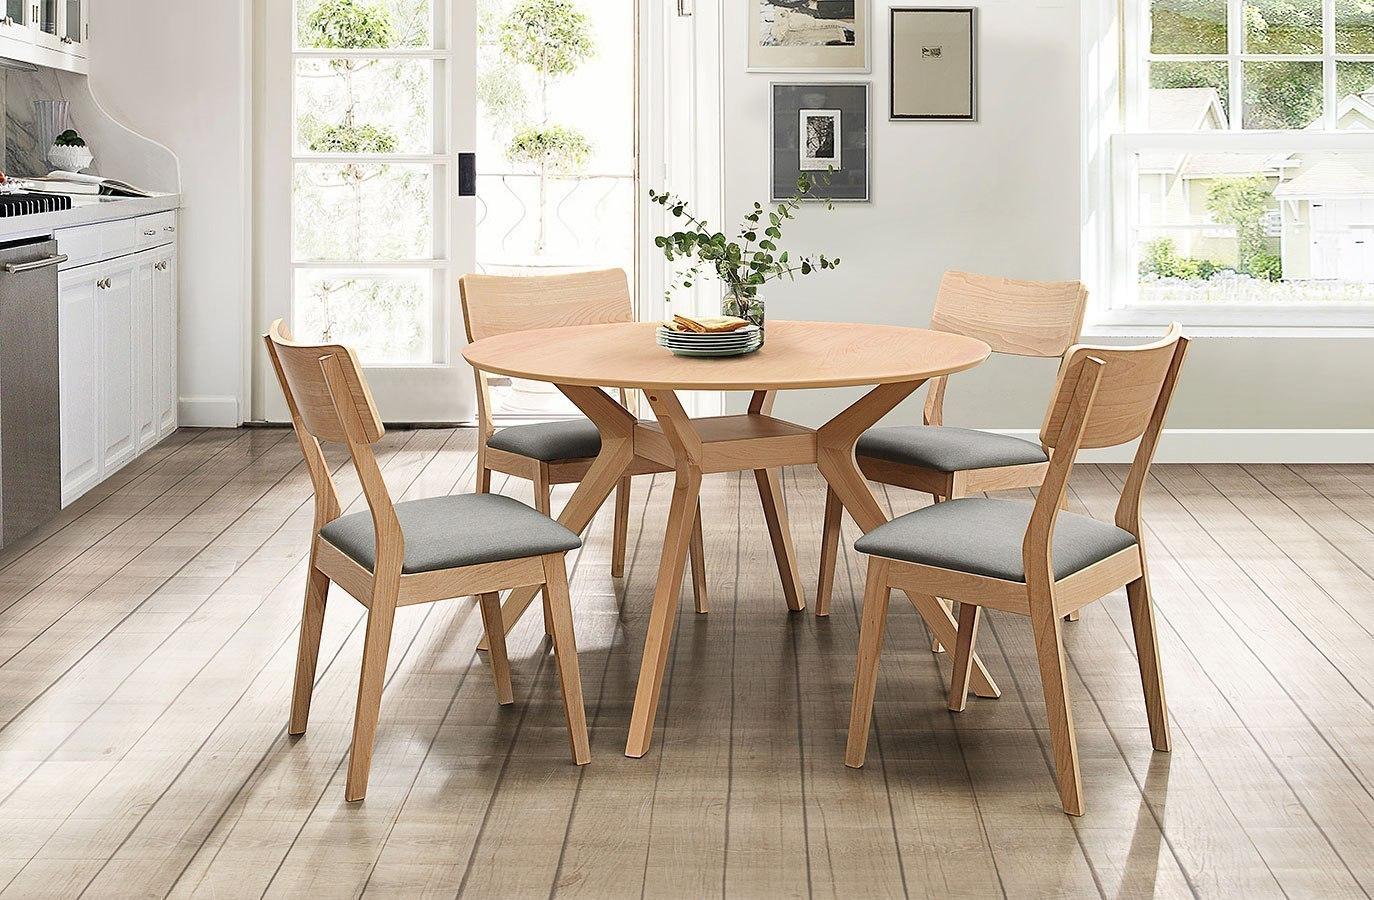 Hamar Dining Room Set By Homelegance Furniturepick